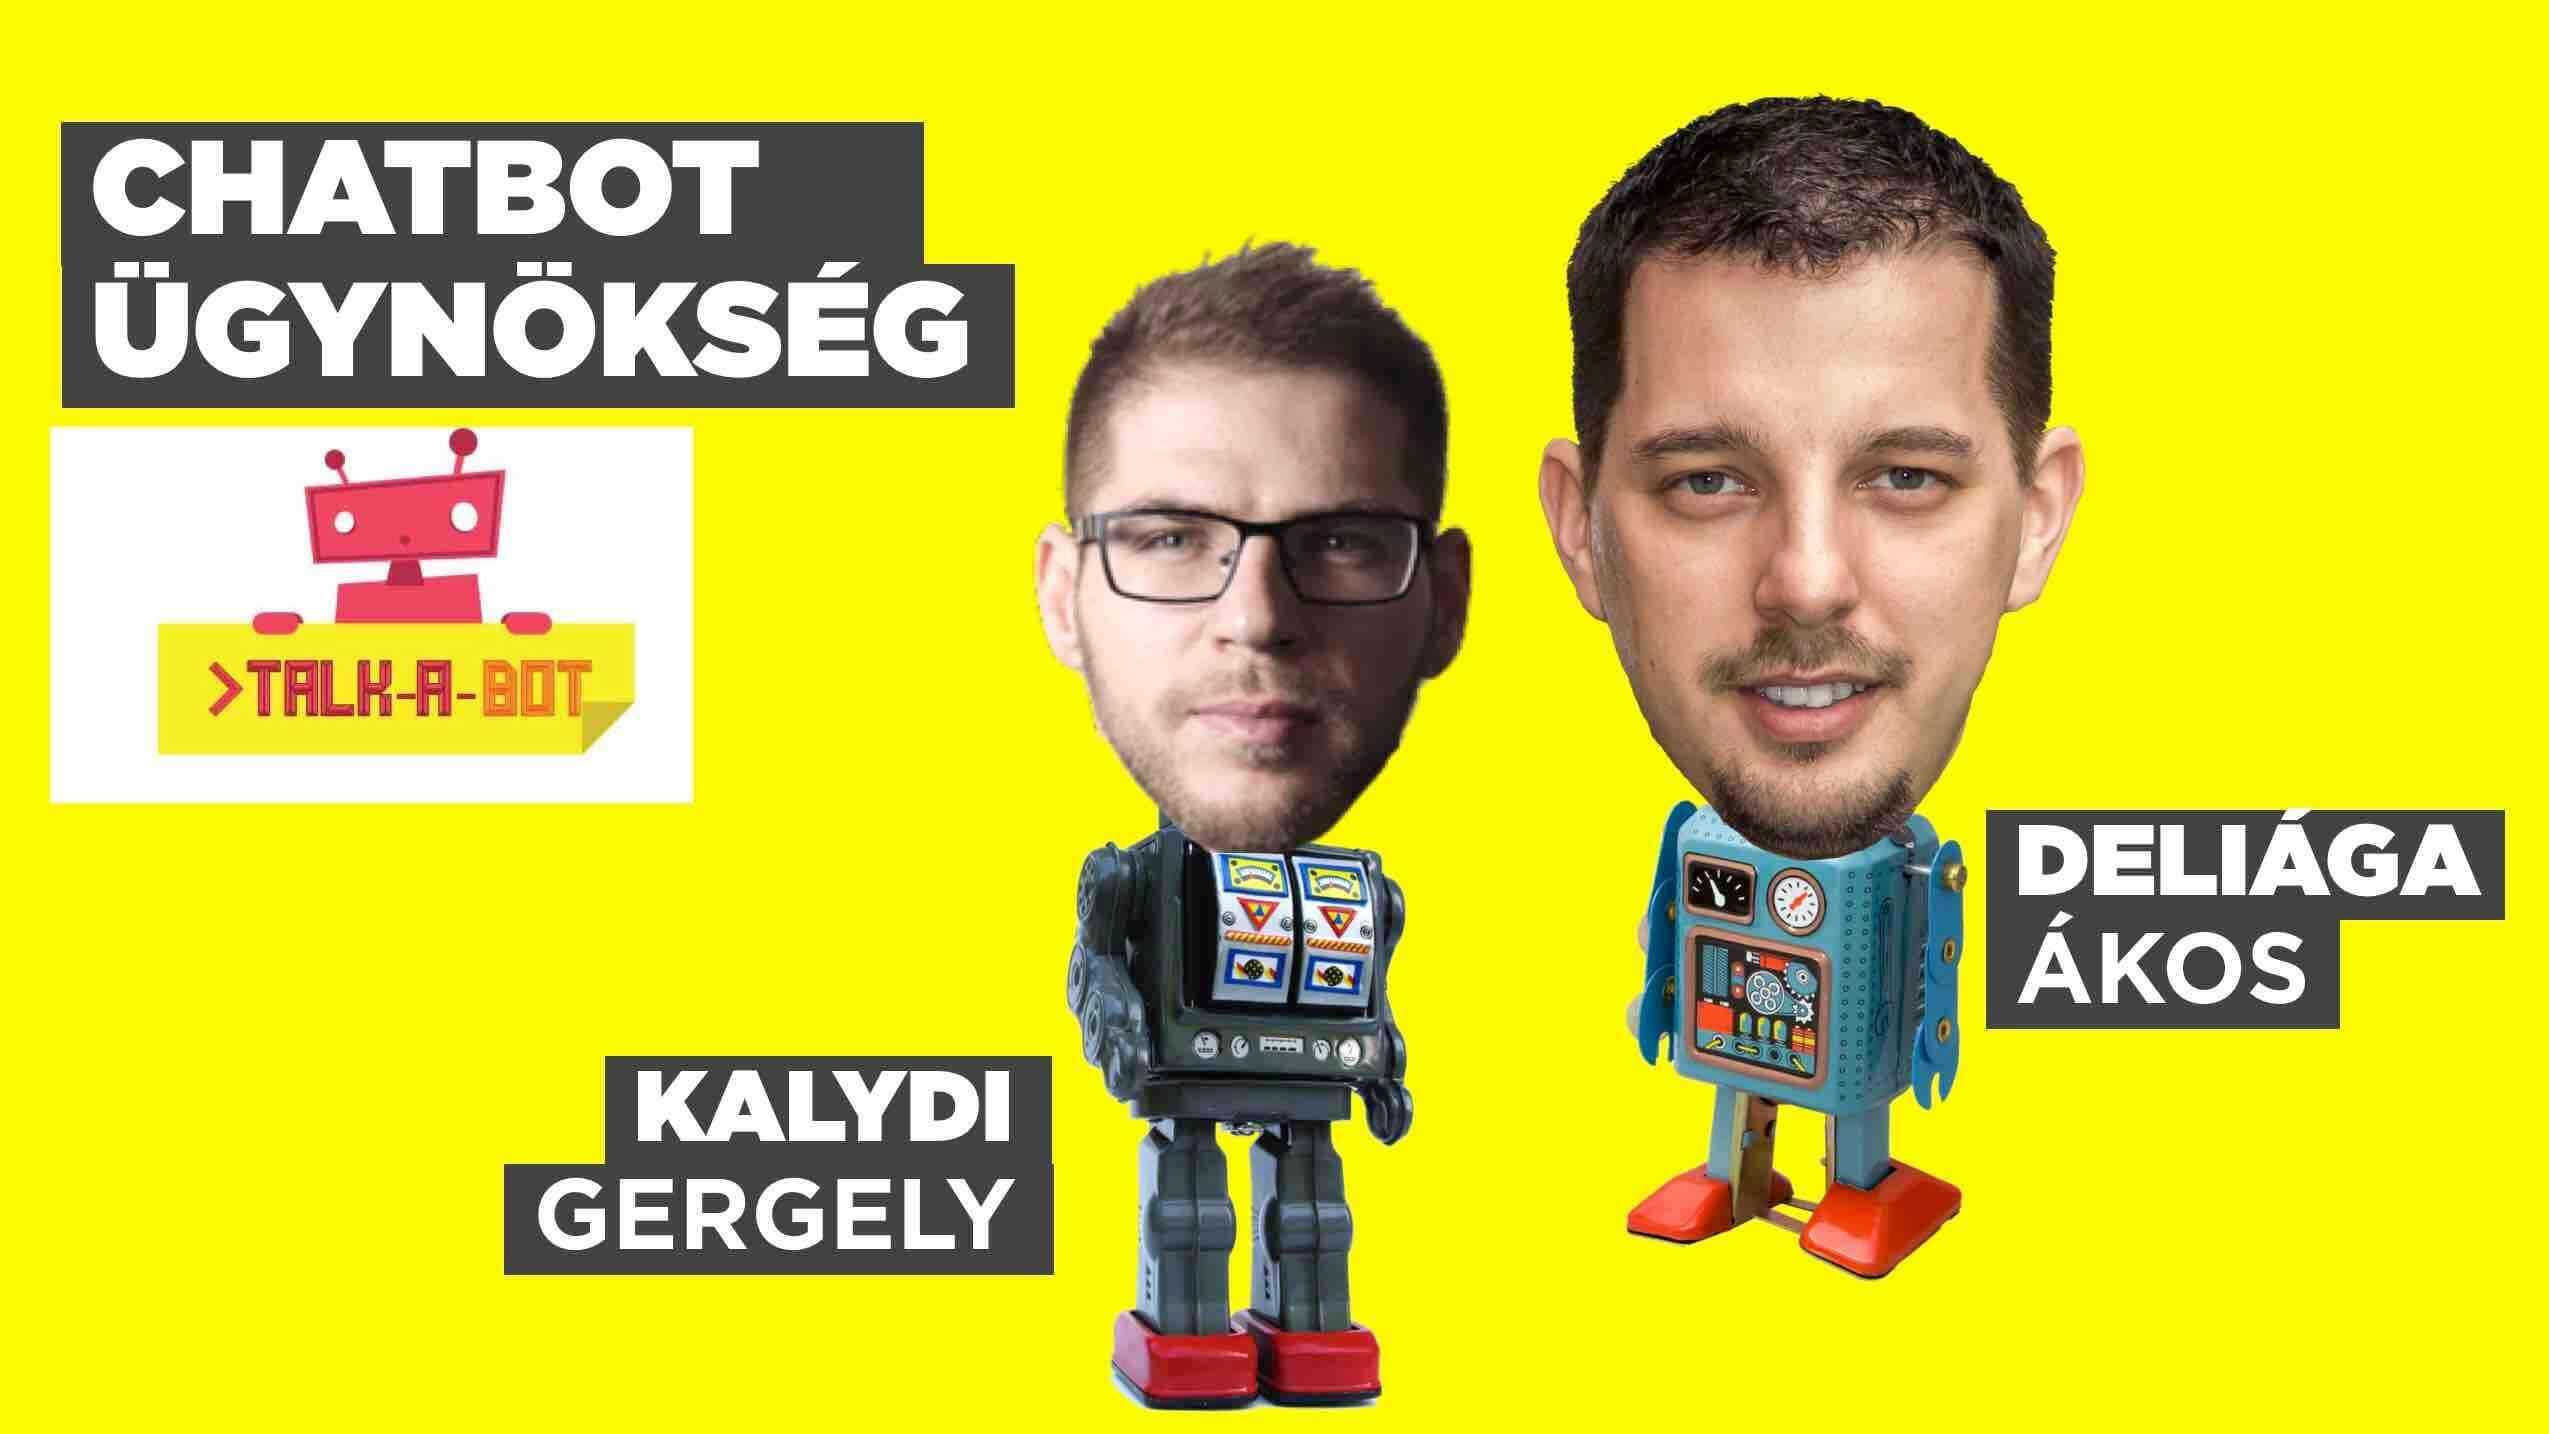 Itt a magyar chatbot ügynökség: Talk-a-Bot! Chatboton keresztül akár bankszámlát is nyithatunk majd